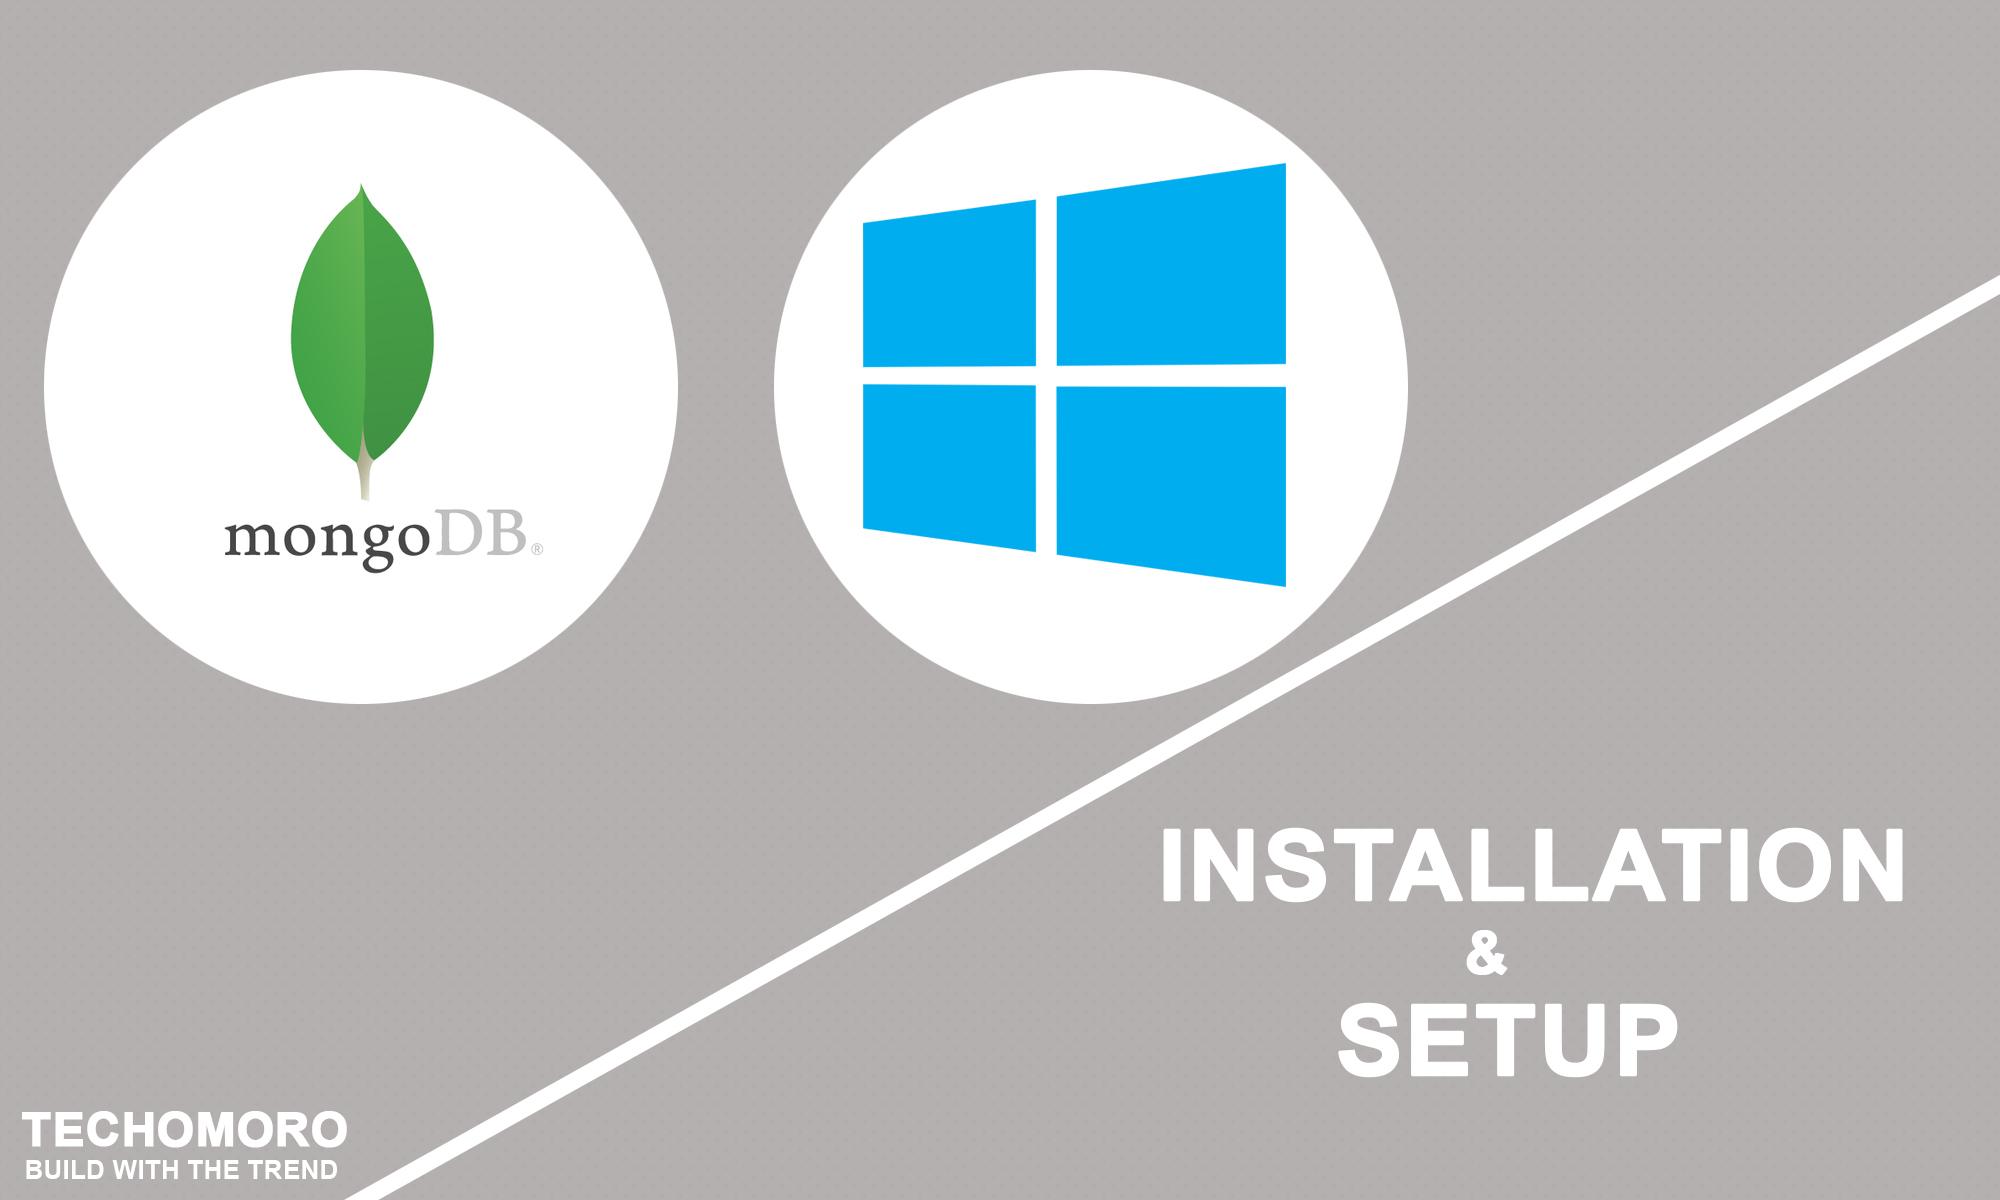 How to Install and Setup MongoDB on Windows 10